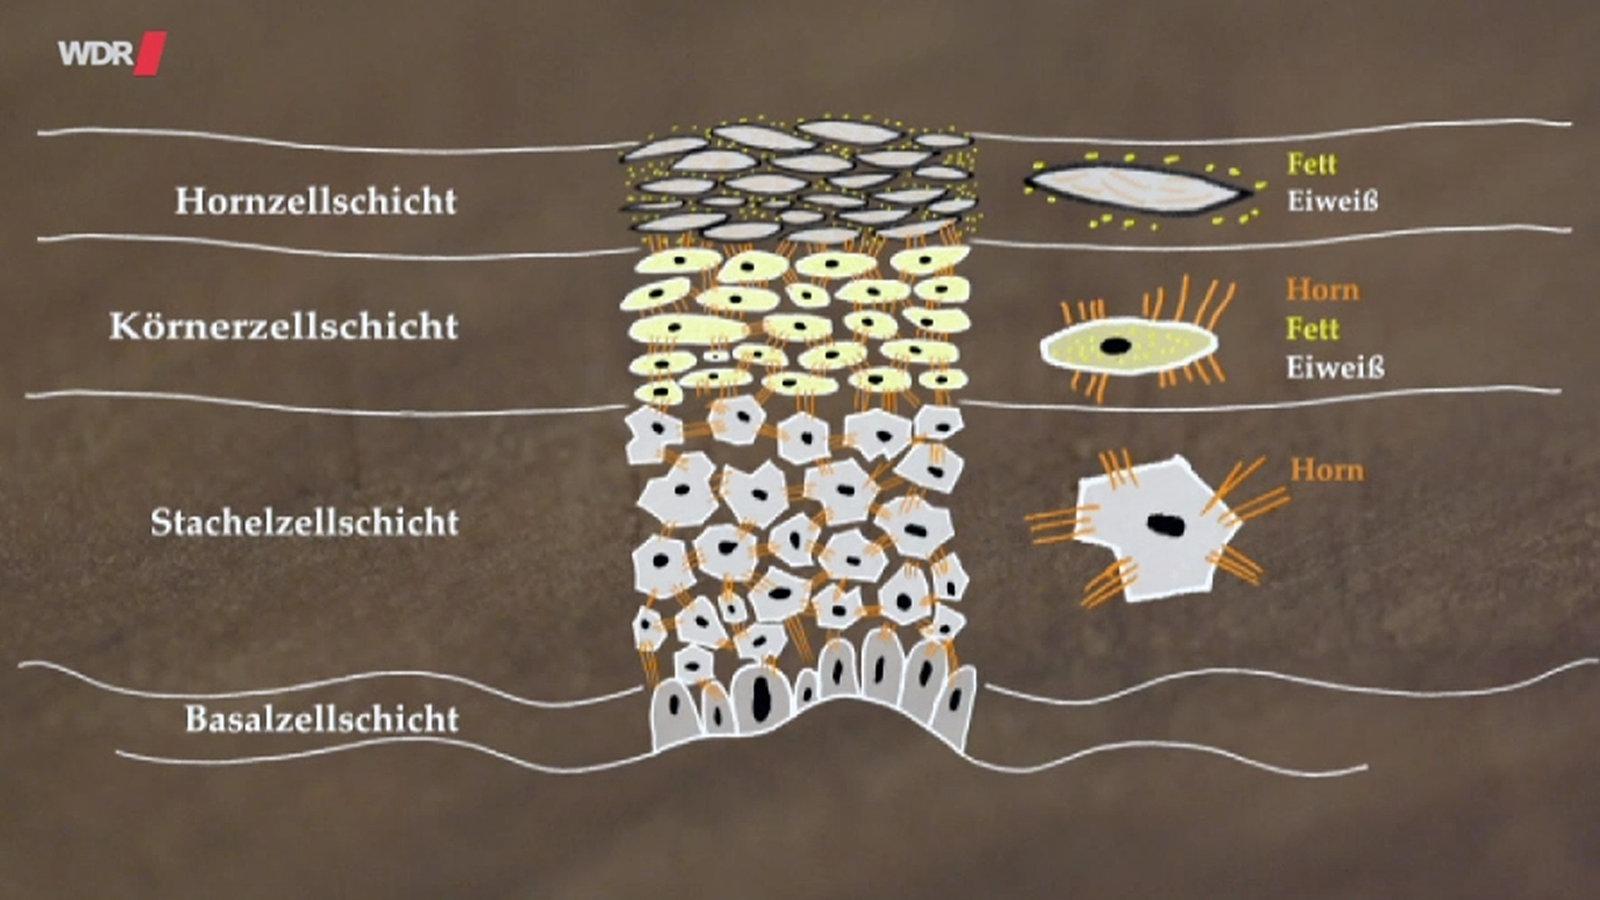 Anatomie des Menschen: Haut - Haut des Menschen - Natur - Planet Wissen